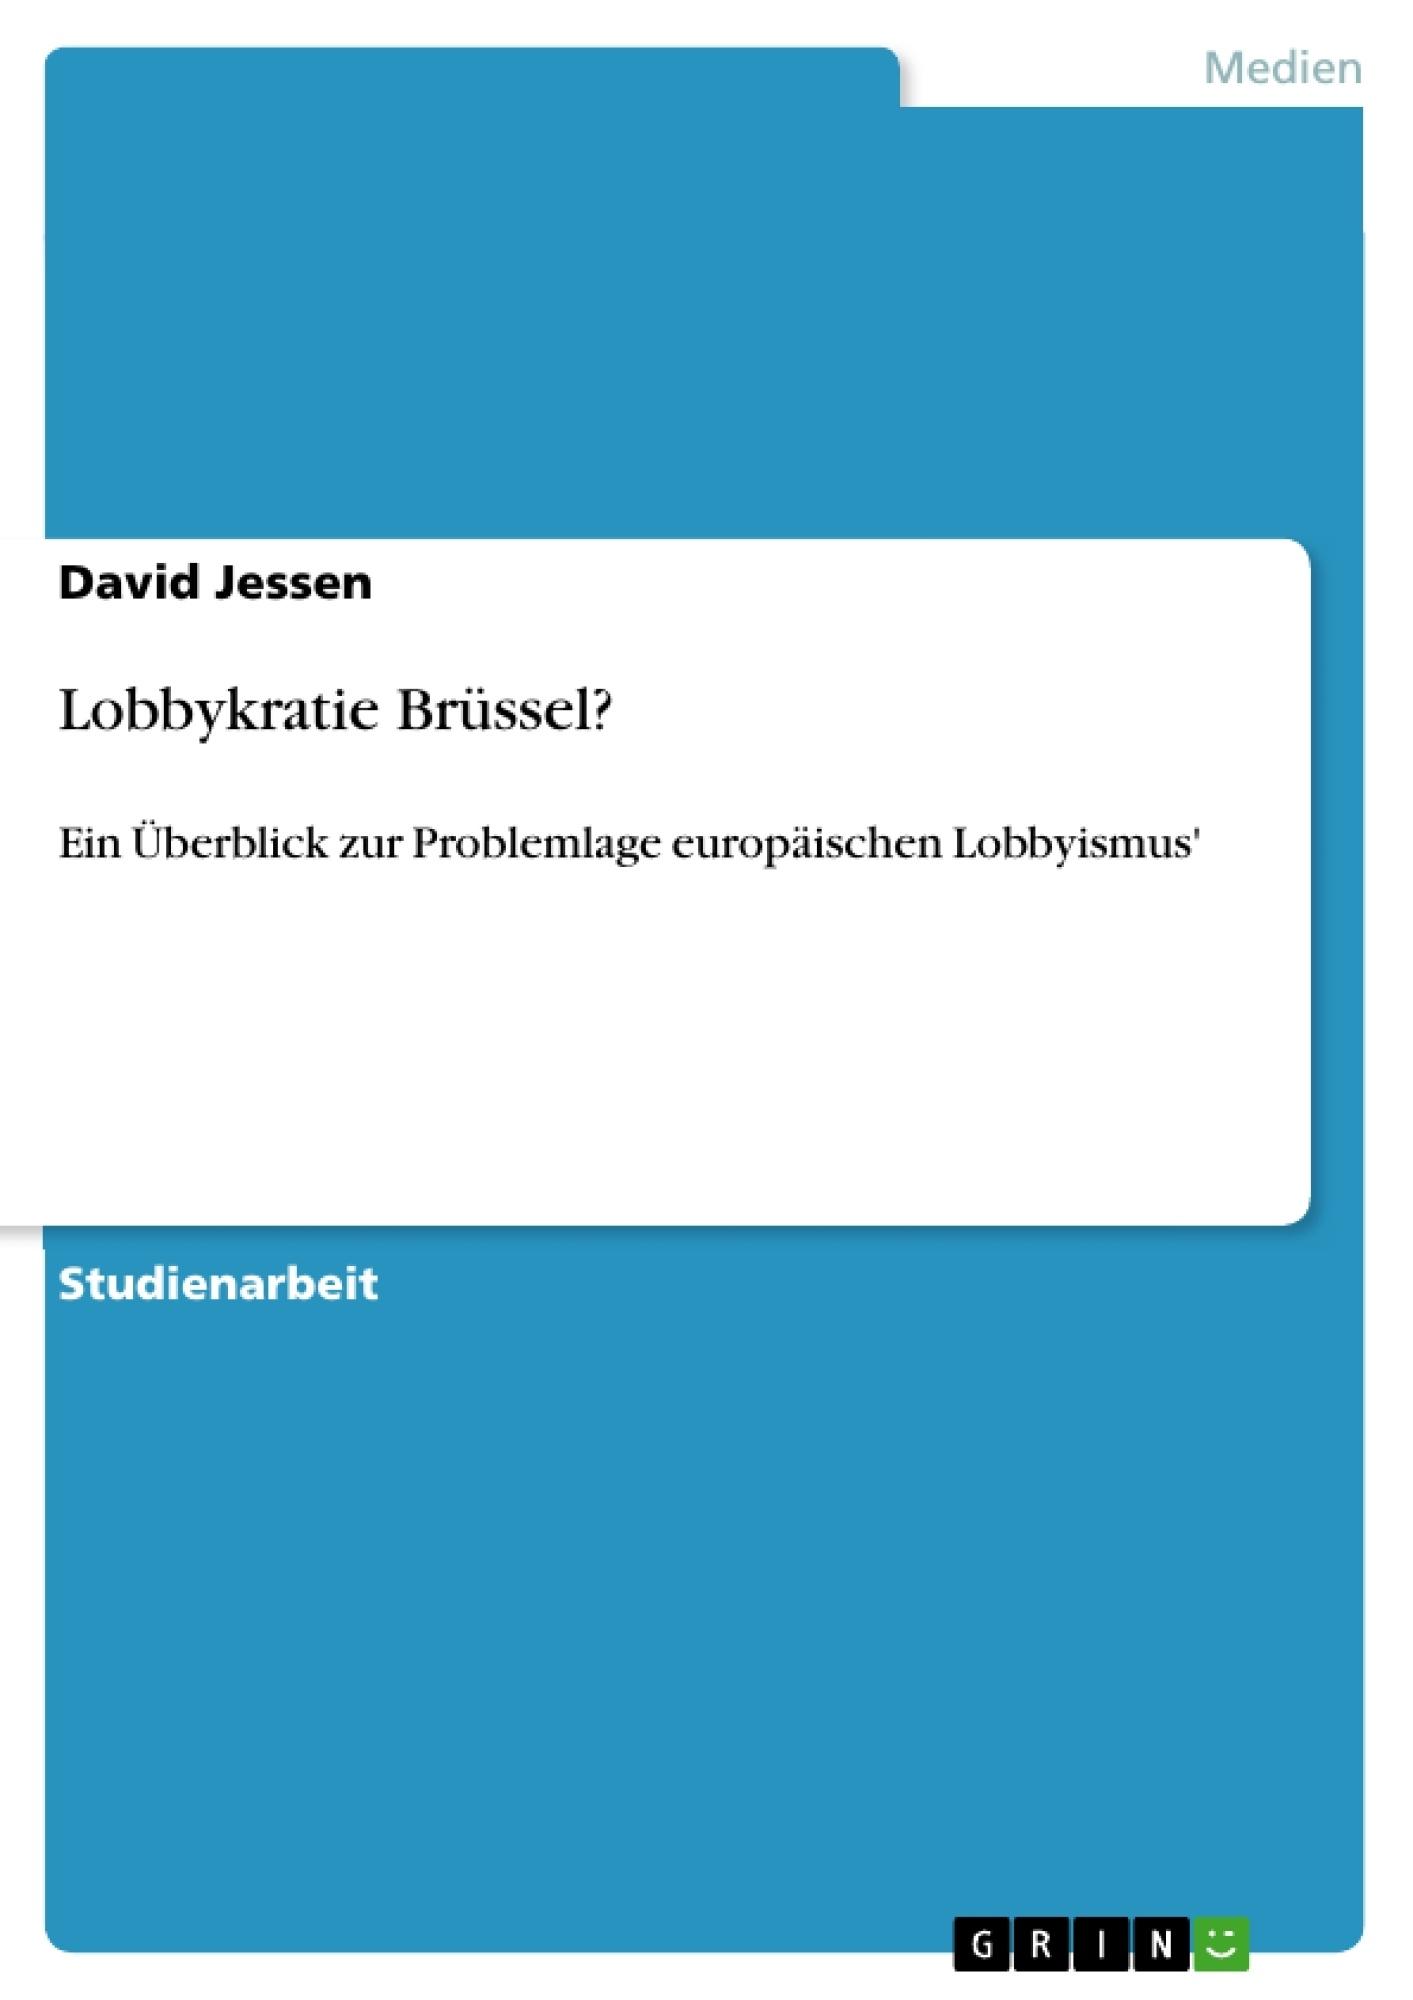 Titel: Lobbykratie Brüssel?